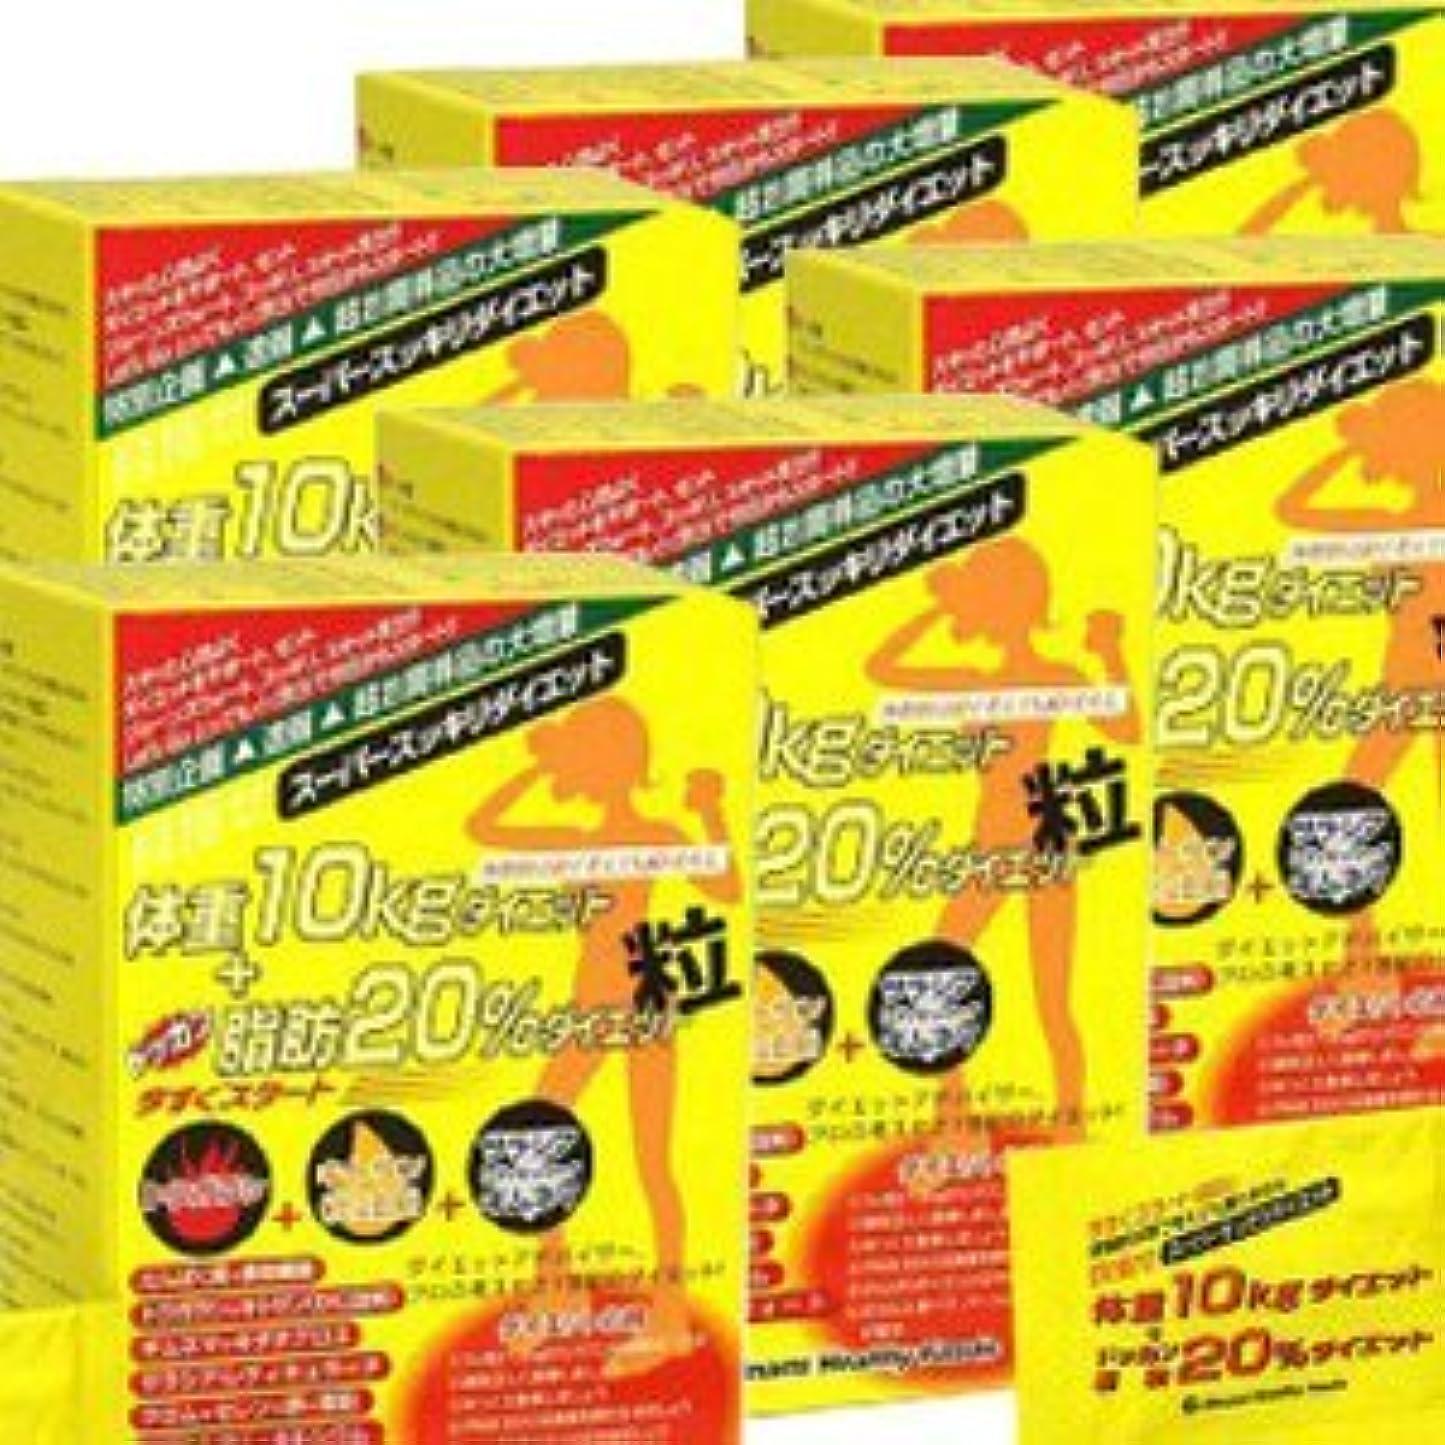 持続する変更可能コミュニティ【24箱1ケース】目指せ体重10kgダイエット+ドッカン脂肪20%ダイエット粒 (6粒x75袋)x24箱 (4945904010341)